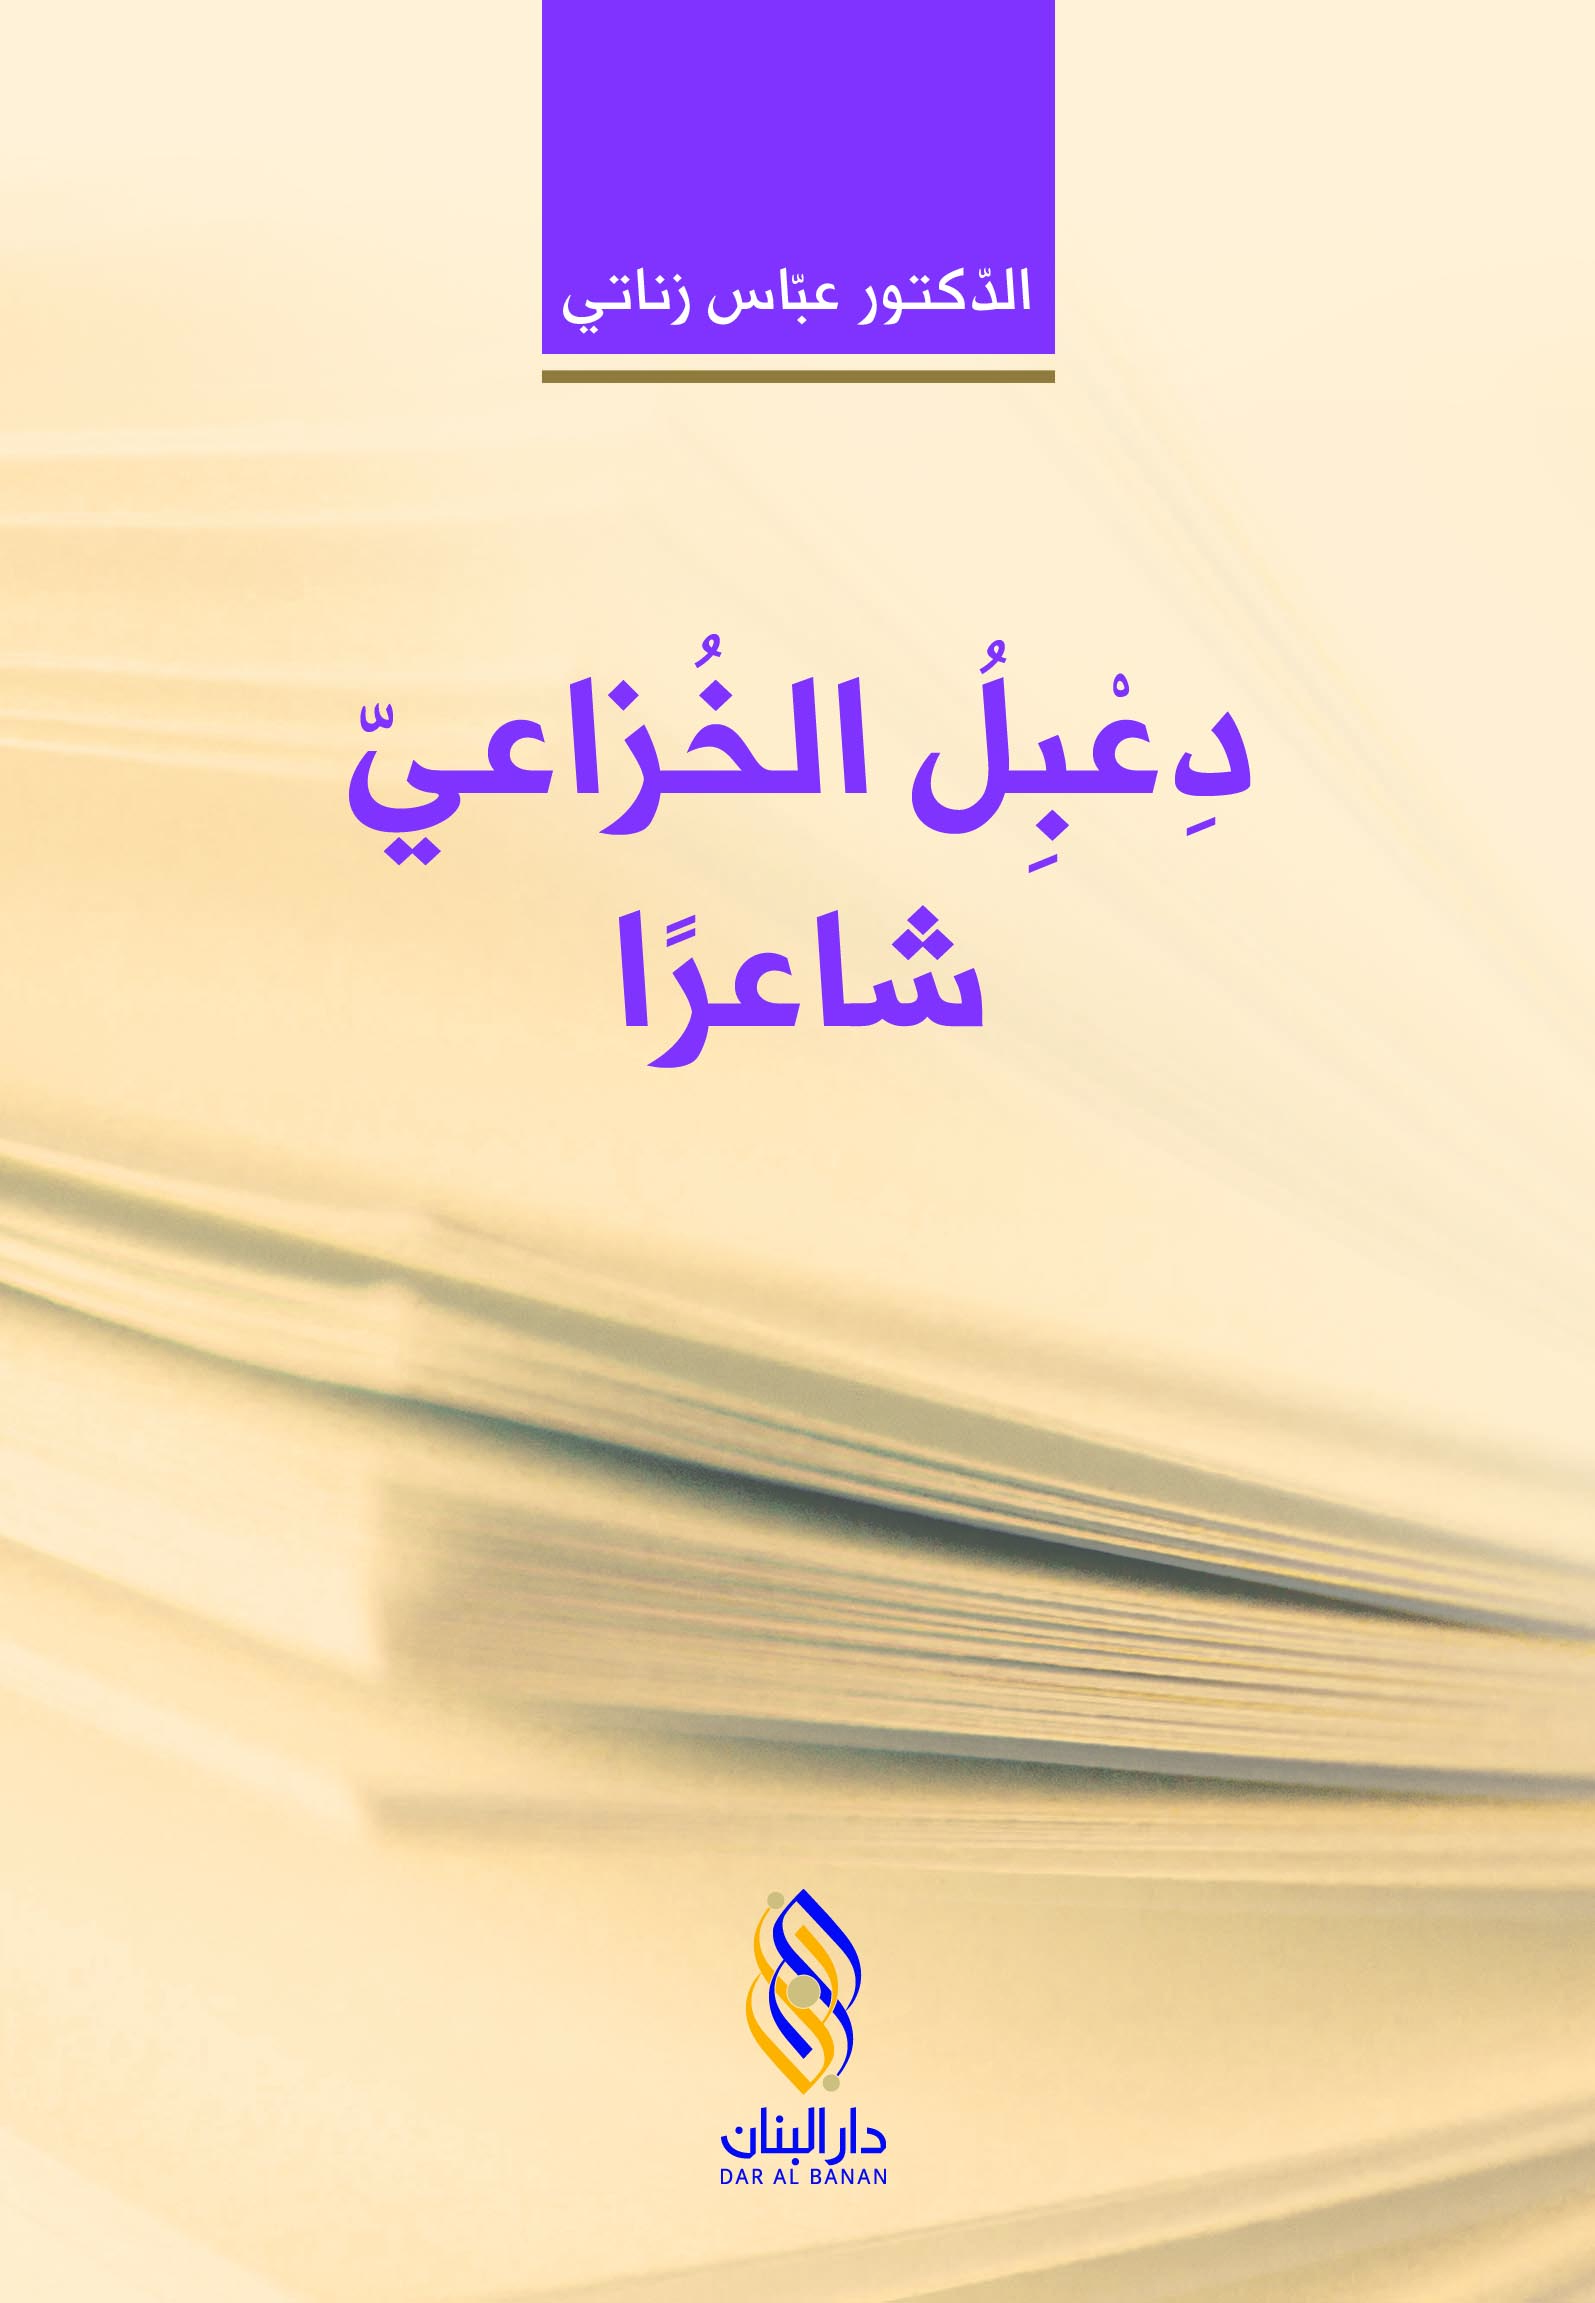 دِعبل الخُزاعي شاعرًا